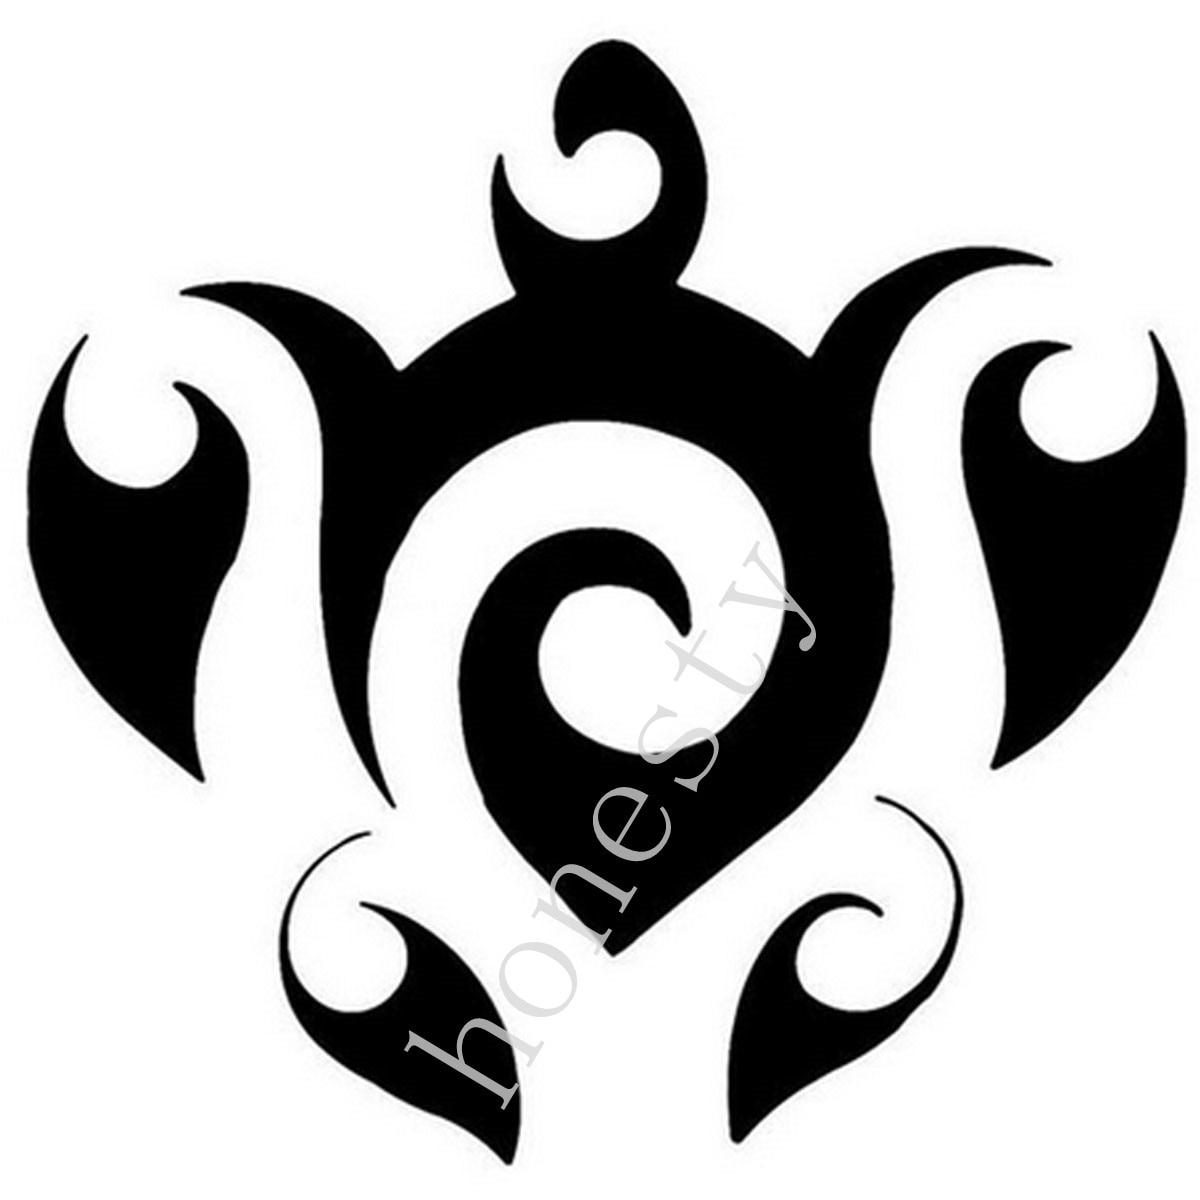 Tribal conception animale autocollant de voiture stickers moto autocollants car styling accessoires noir blanc dans autocollants de voiture de automobiles